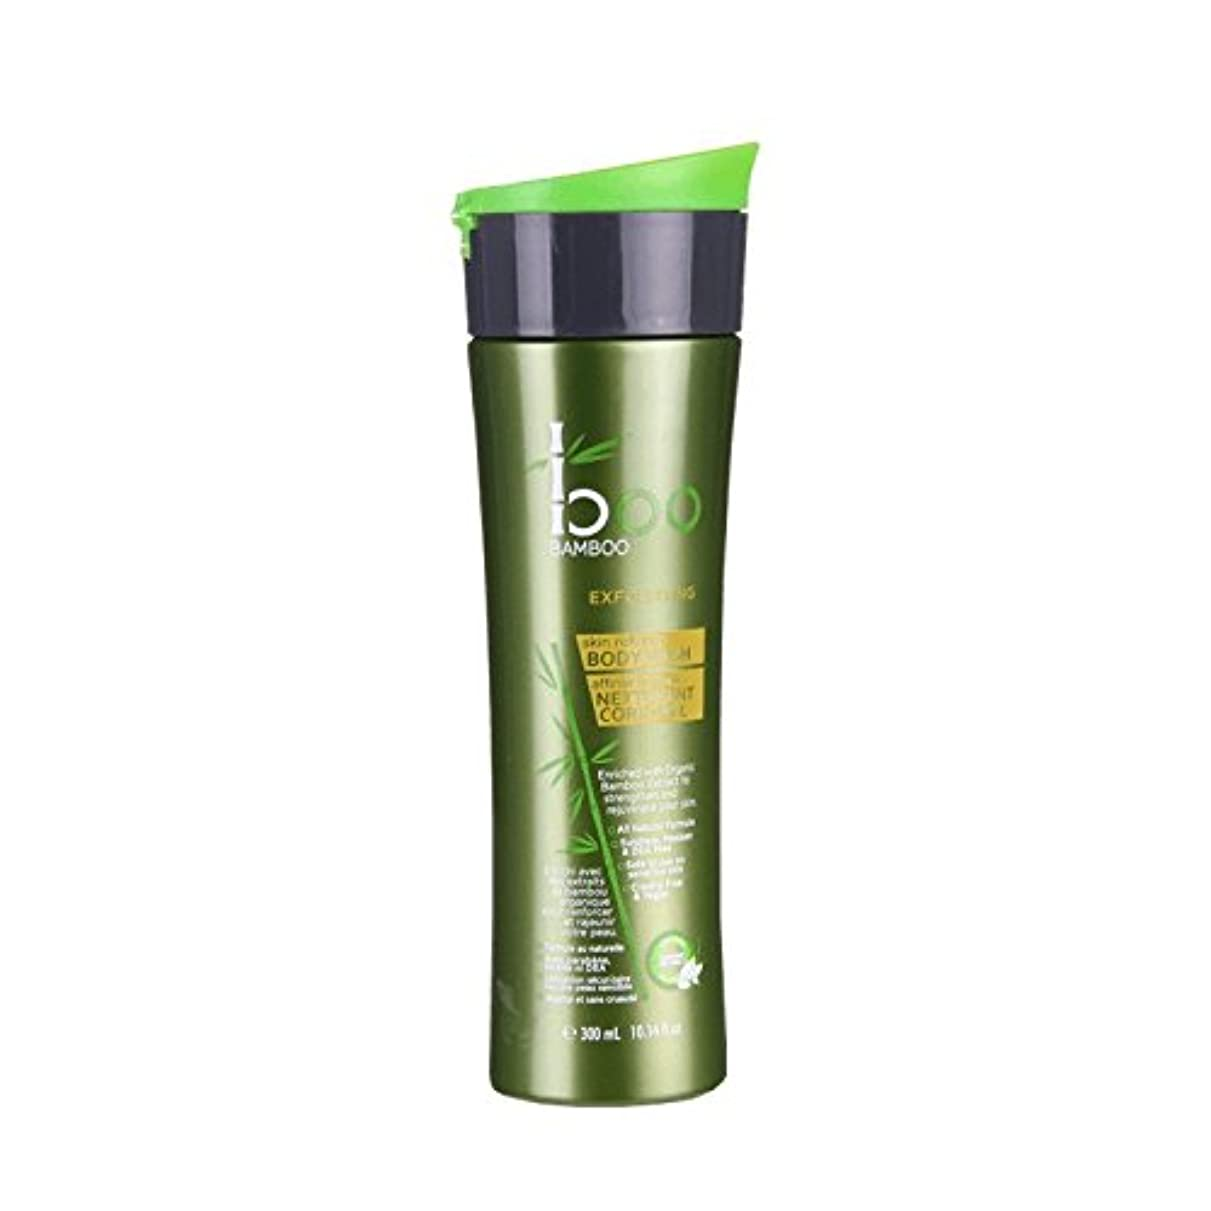 チューブ緊急人気のBoo Bamboo Exfoliating Body Wash 300ml (Pack of 2) - 竹ピーリングボディウォッシュ300ミリリットルブーイング (x2) [並行輸入品]